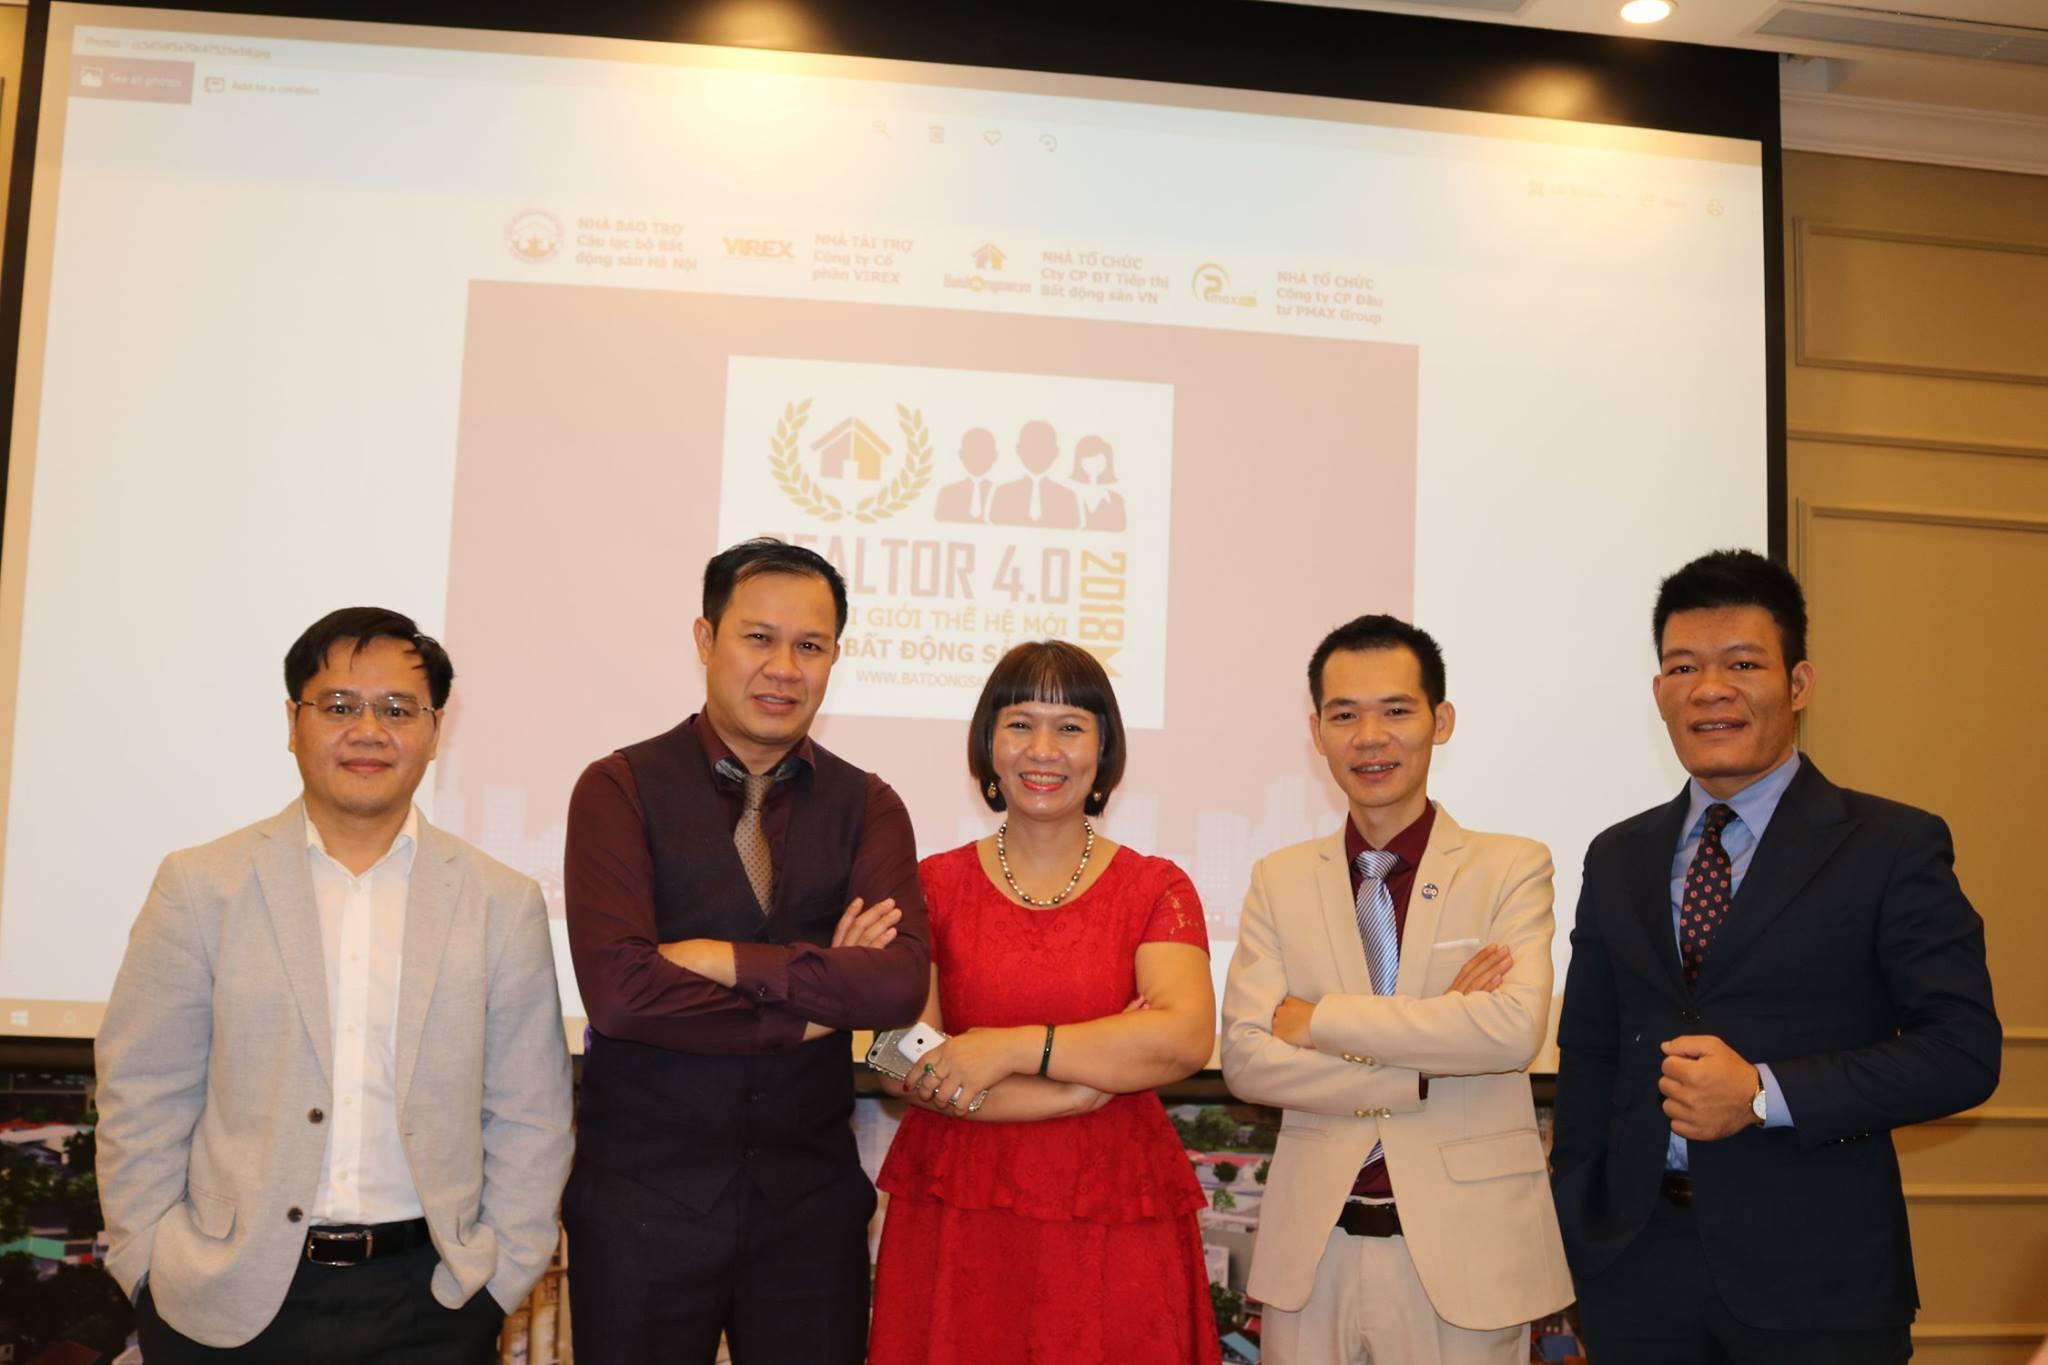 Các diễn giả tham gia chia sẻ tại buổi Workshop ở trụ sở VIREX